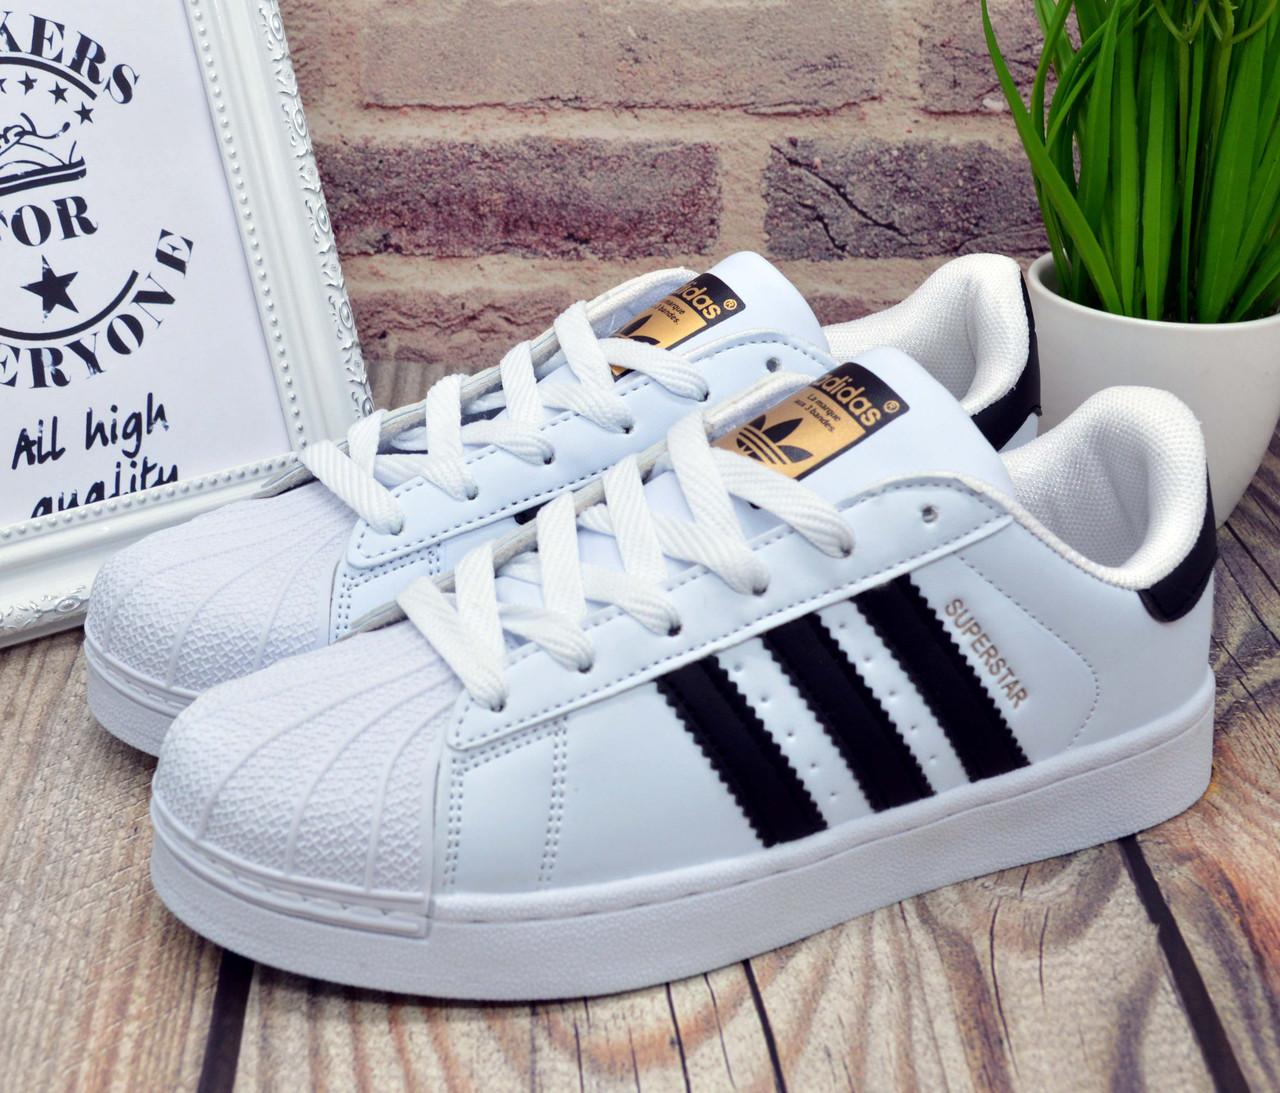 """Кроссовки Adidas Superstar """"Black Stripes"""" женские/подростковые белые,  Адидас Суперстар реплика Вьетнам"""